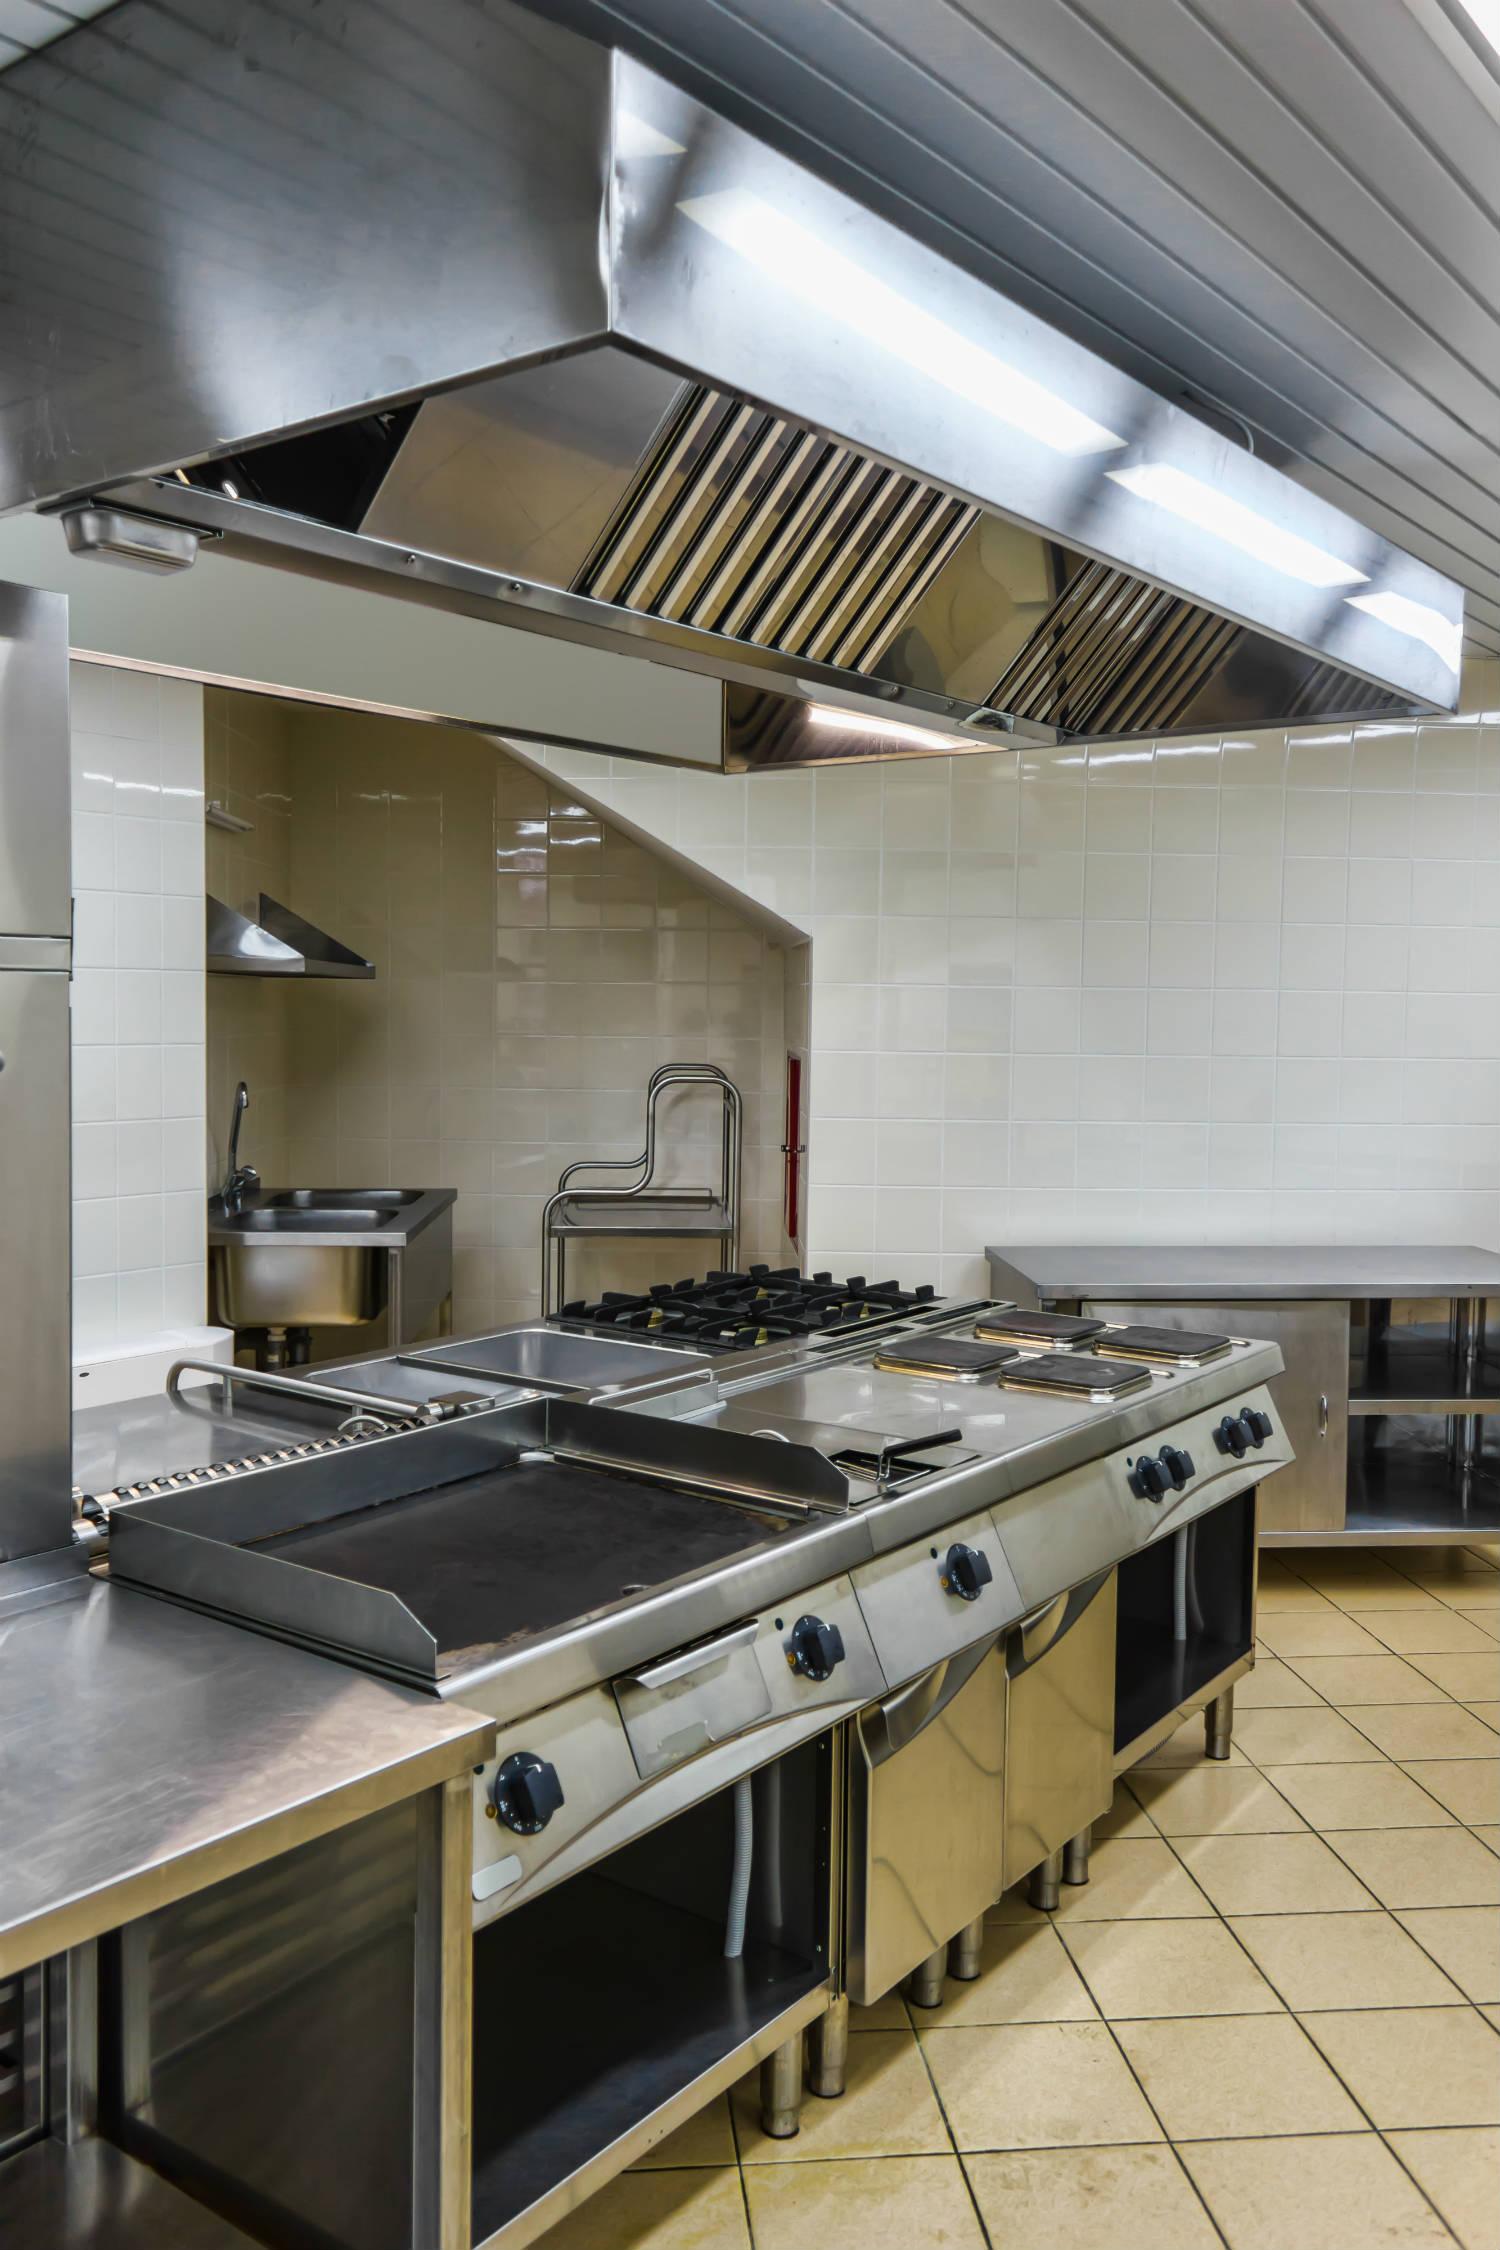 D tergent d graissant alimentaire sp cial ventilation - Degraisser en cuisine ...